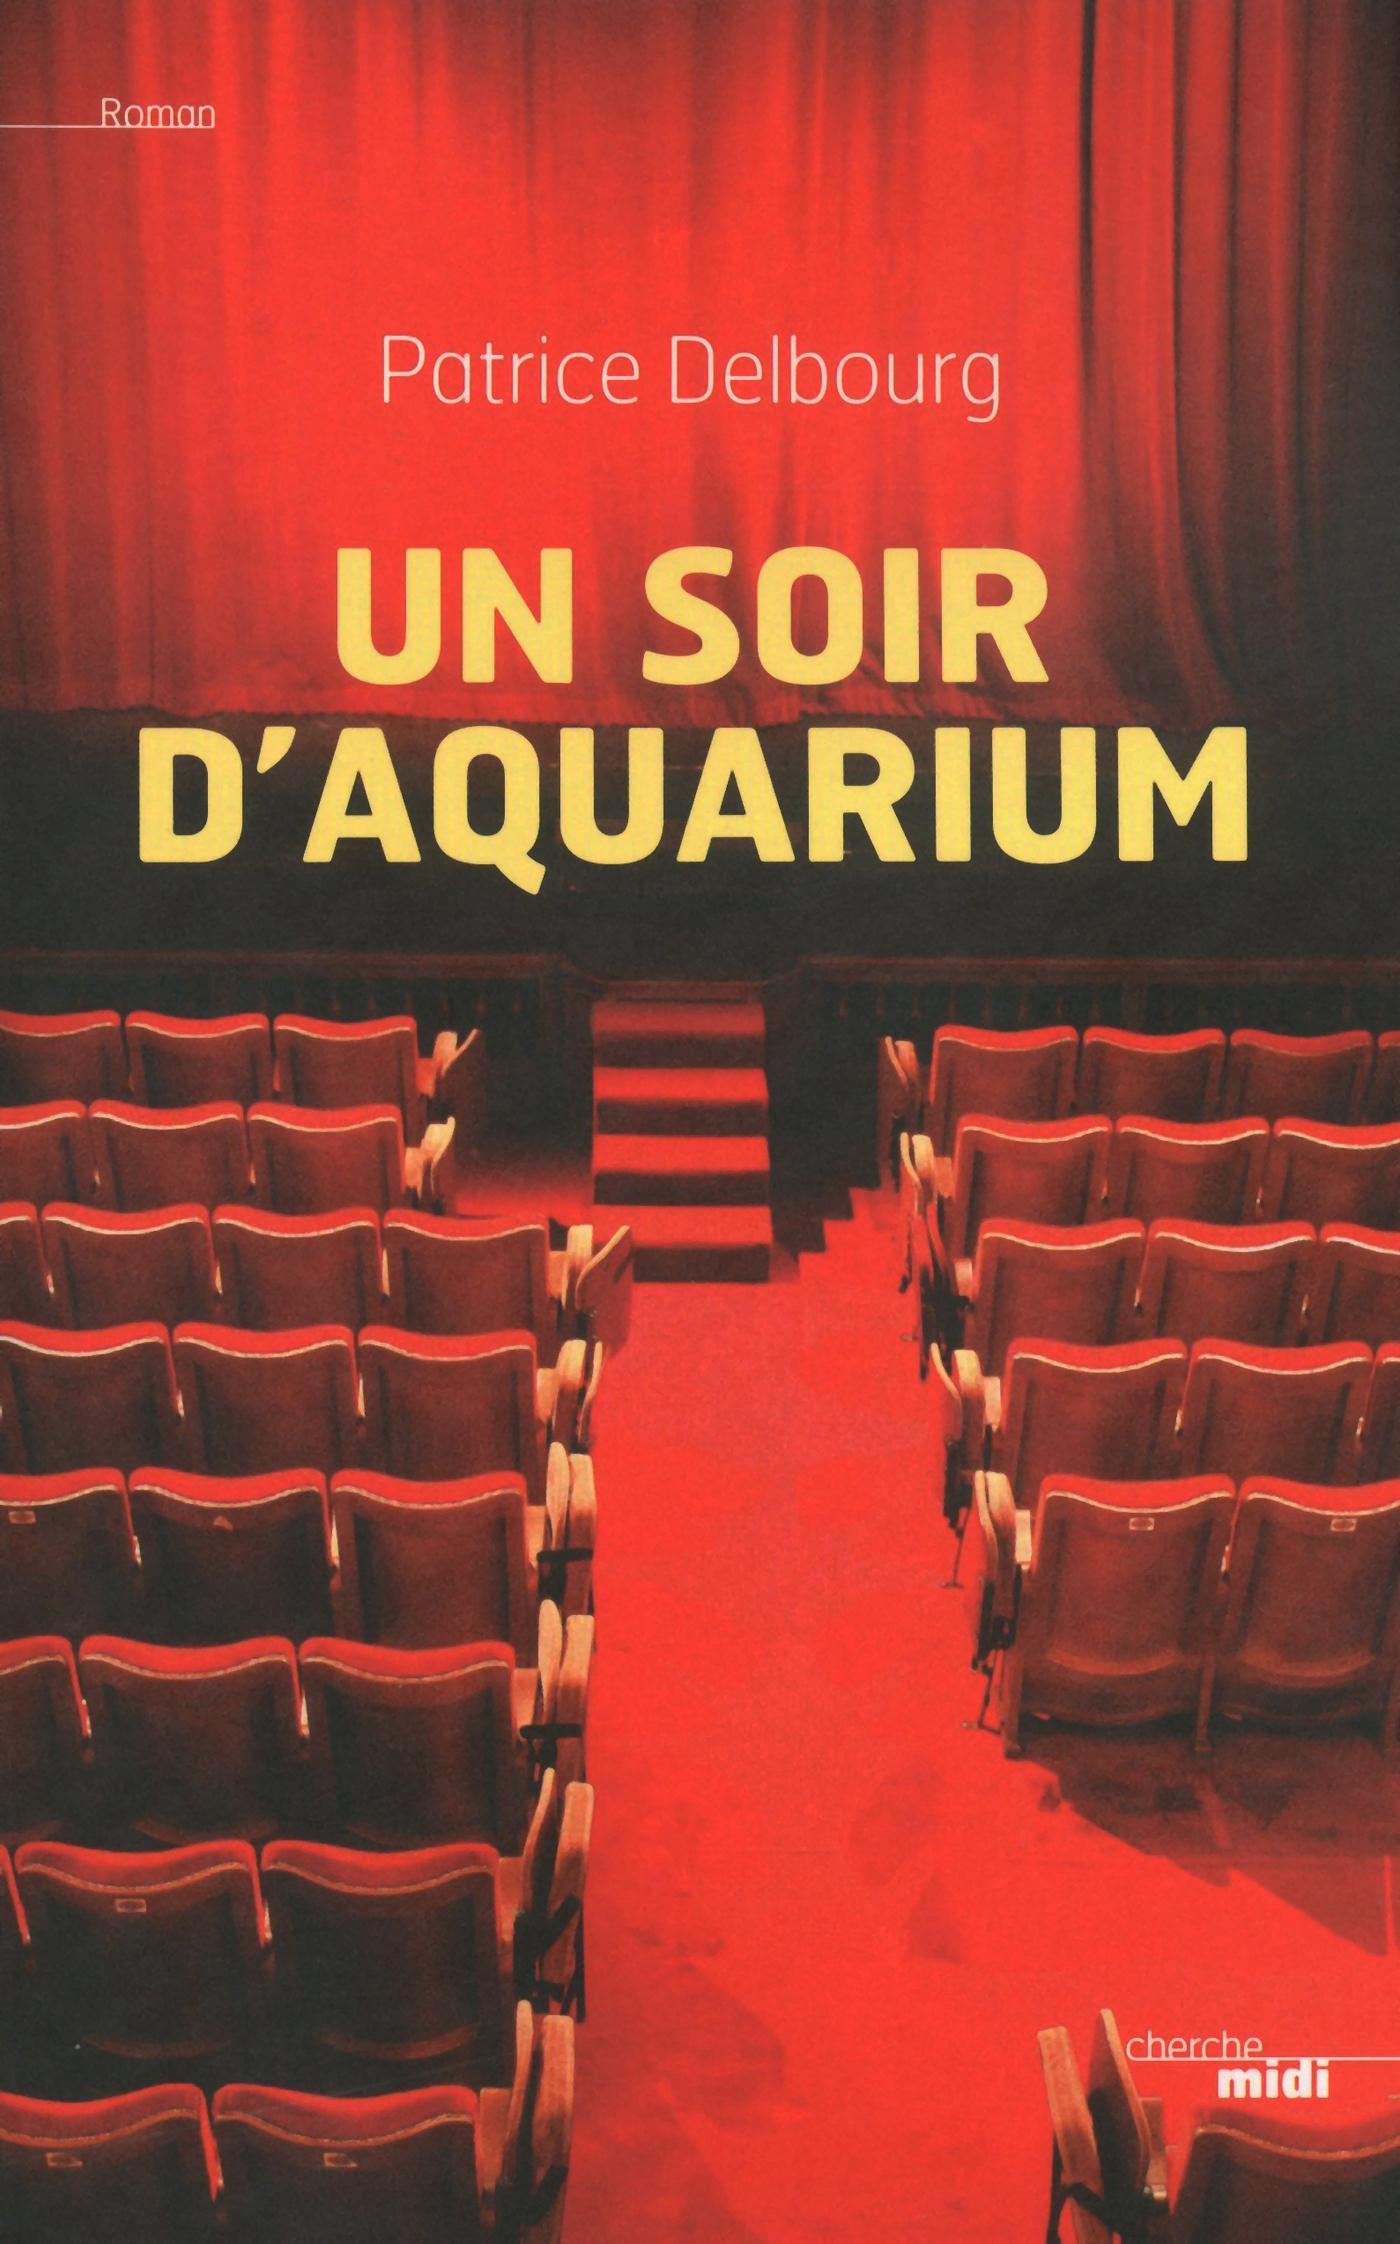 Un soir d'aquarium